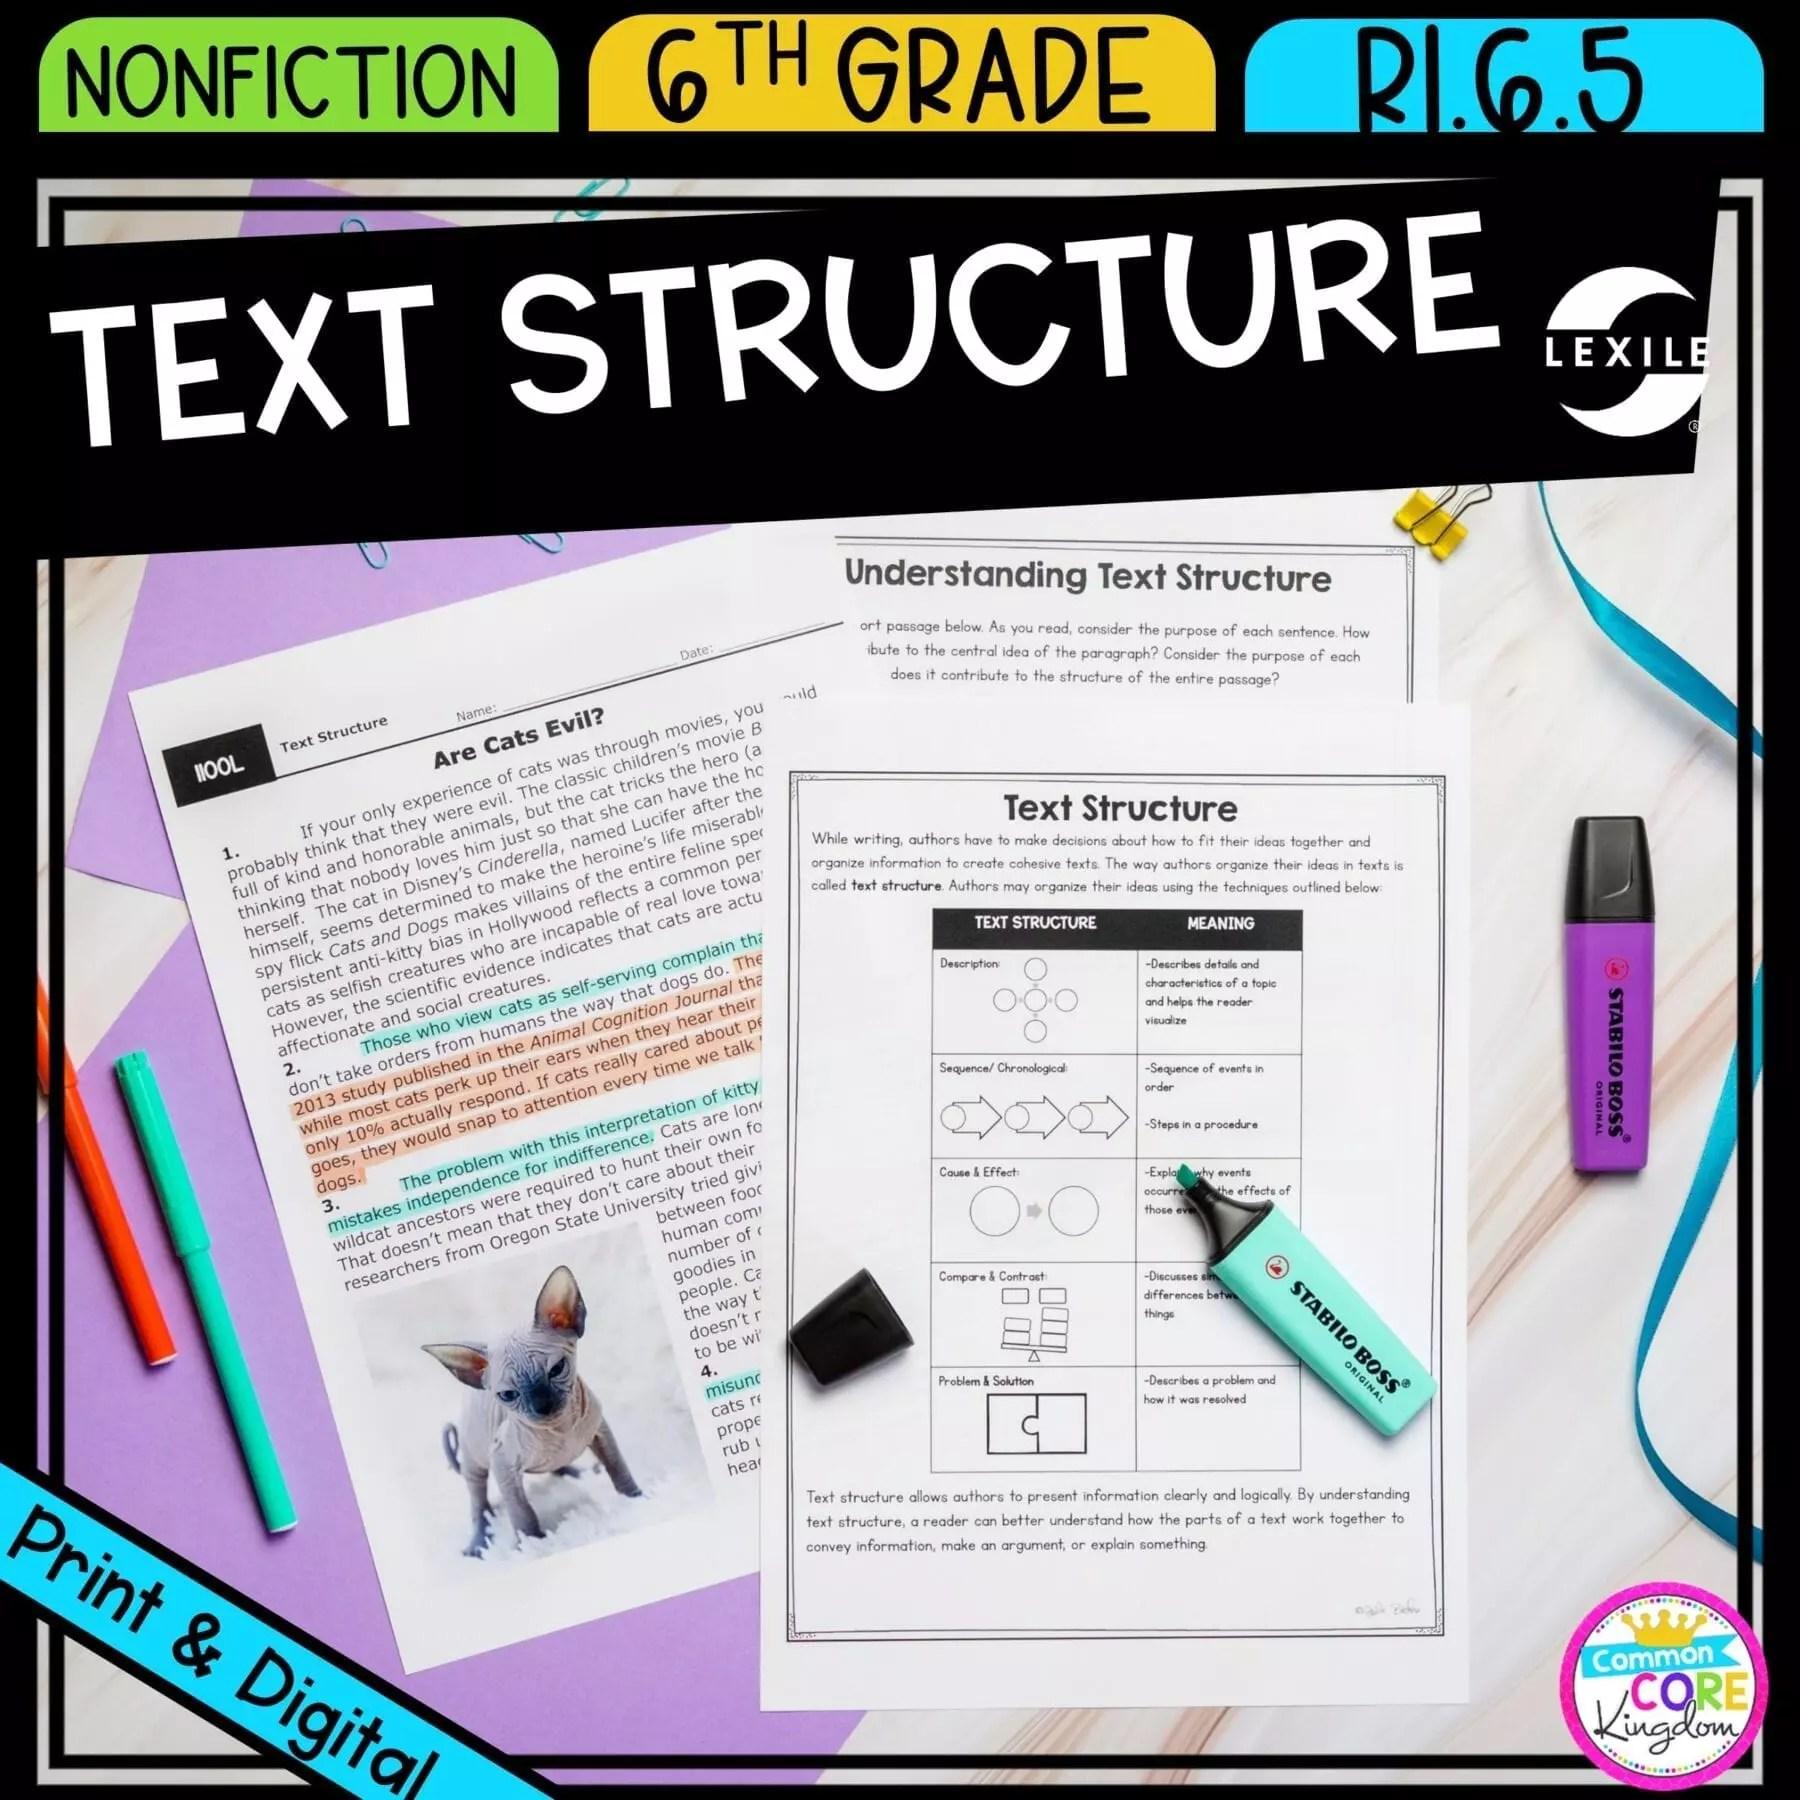 hight resolution of Text Structure 6th Grade RI.6.5  Common Core Kingdom